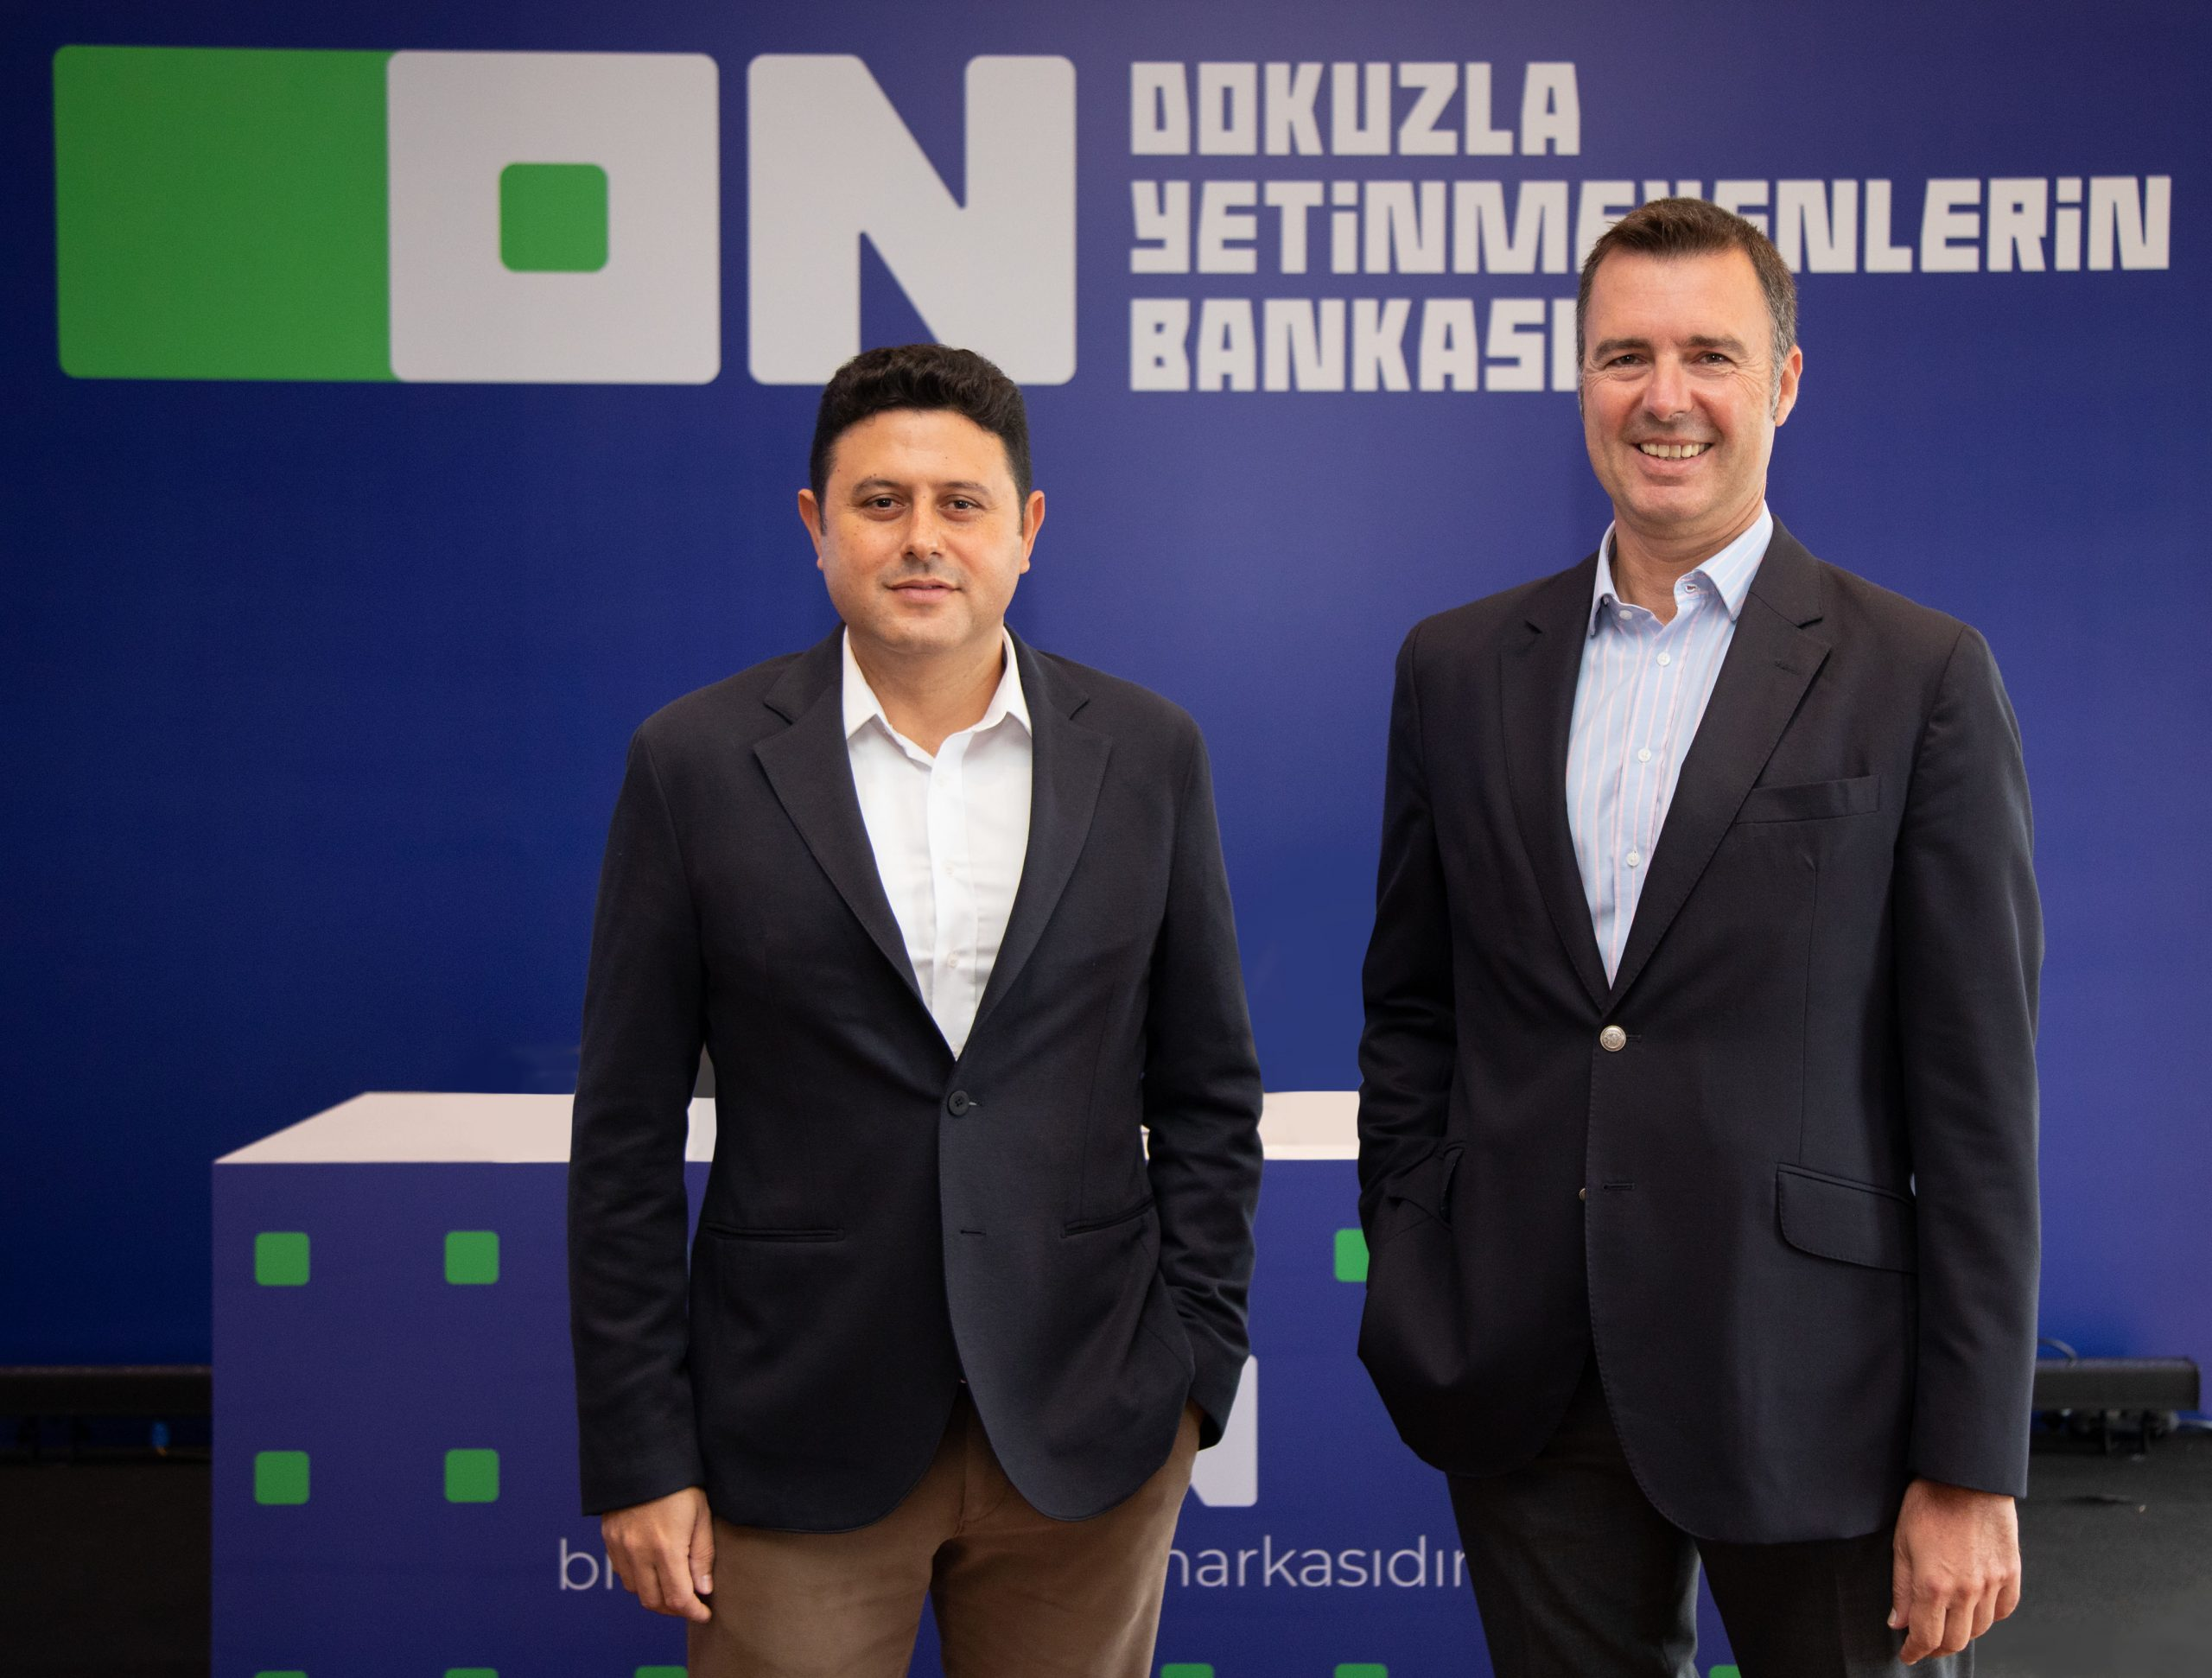 """Burgan Bank Yeni Dijital Bankacılık Platformu """"ON""""u Tanıttı"""